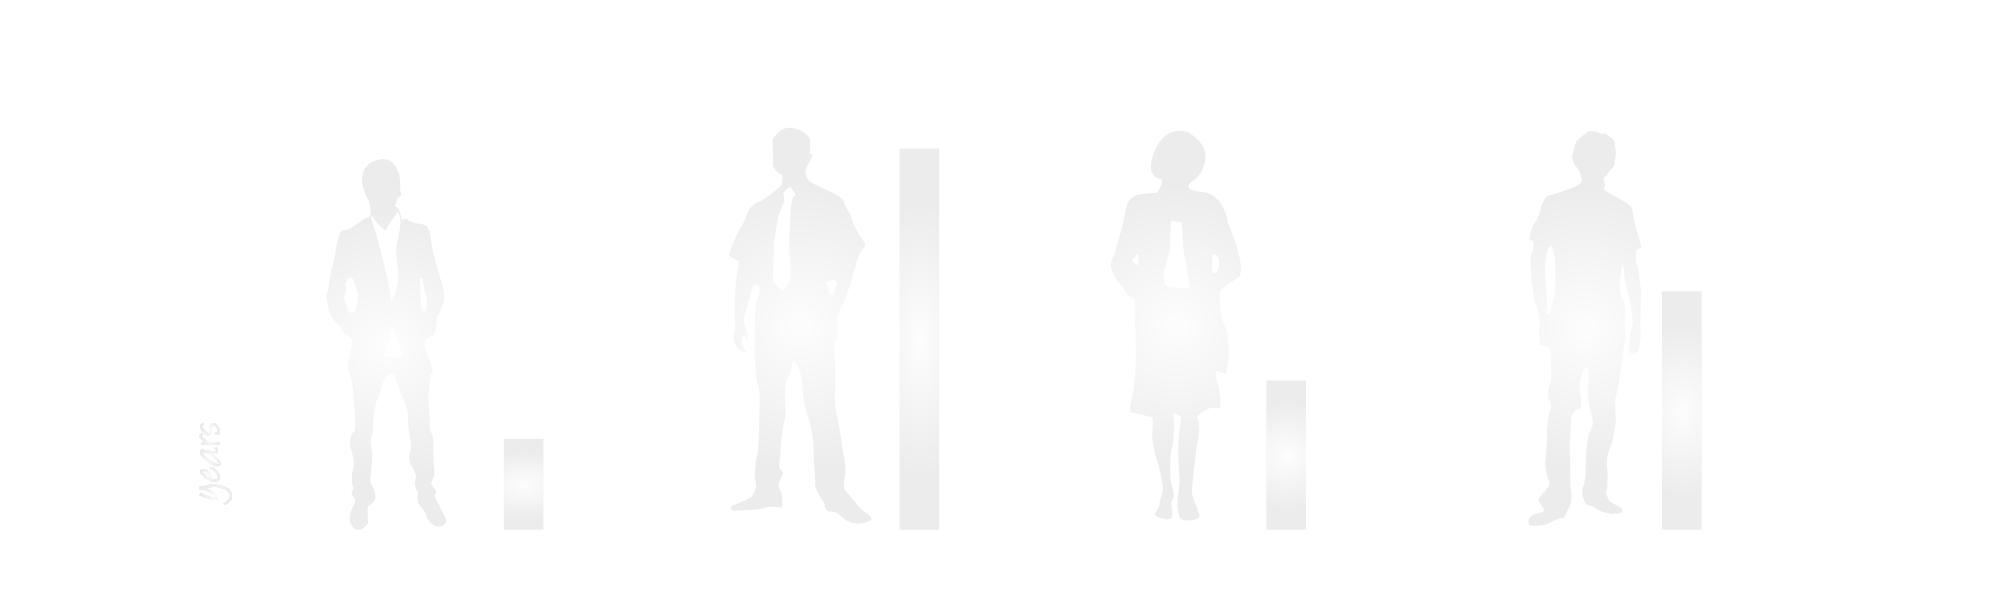 Banner: Staff Retention